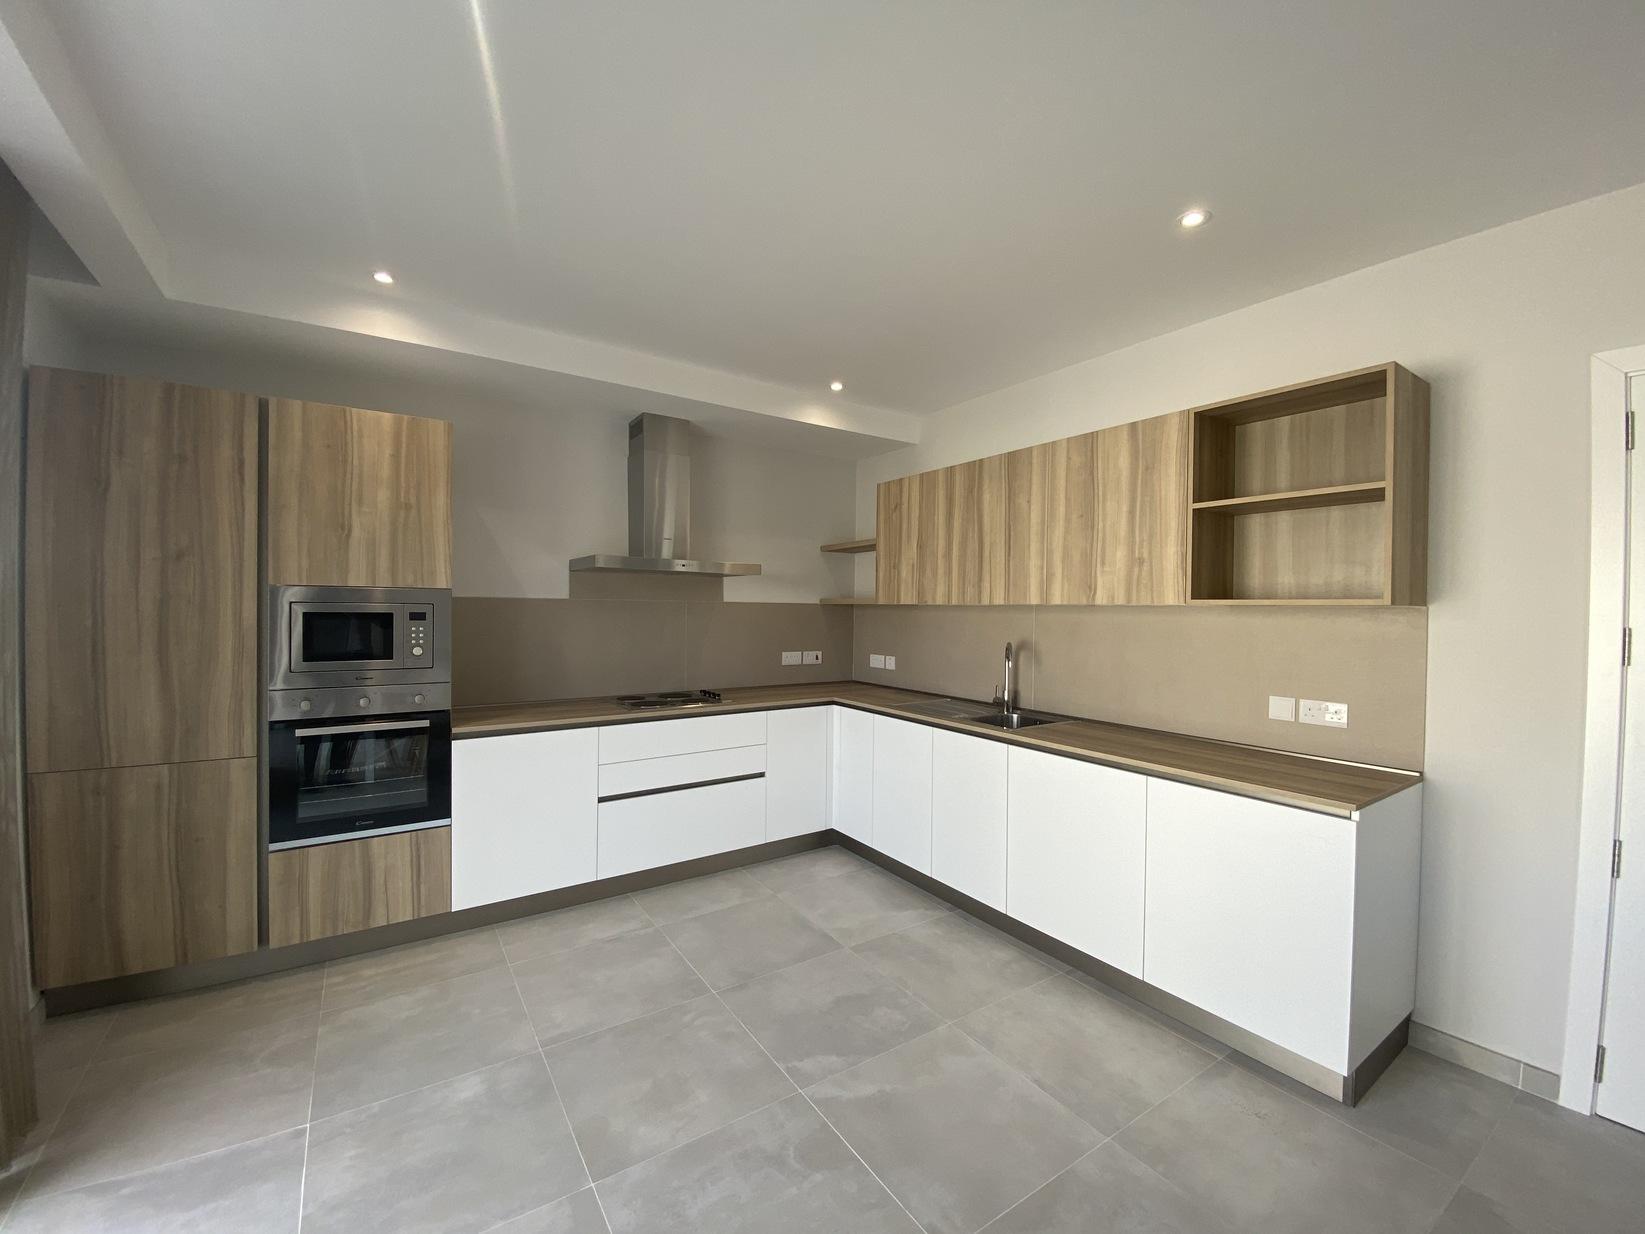 3 bed Apartment For Rent in Lija, Lija - thumb 5